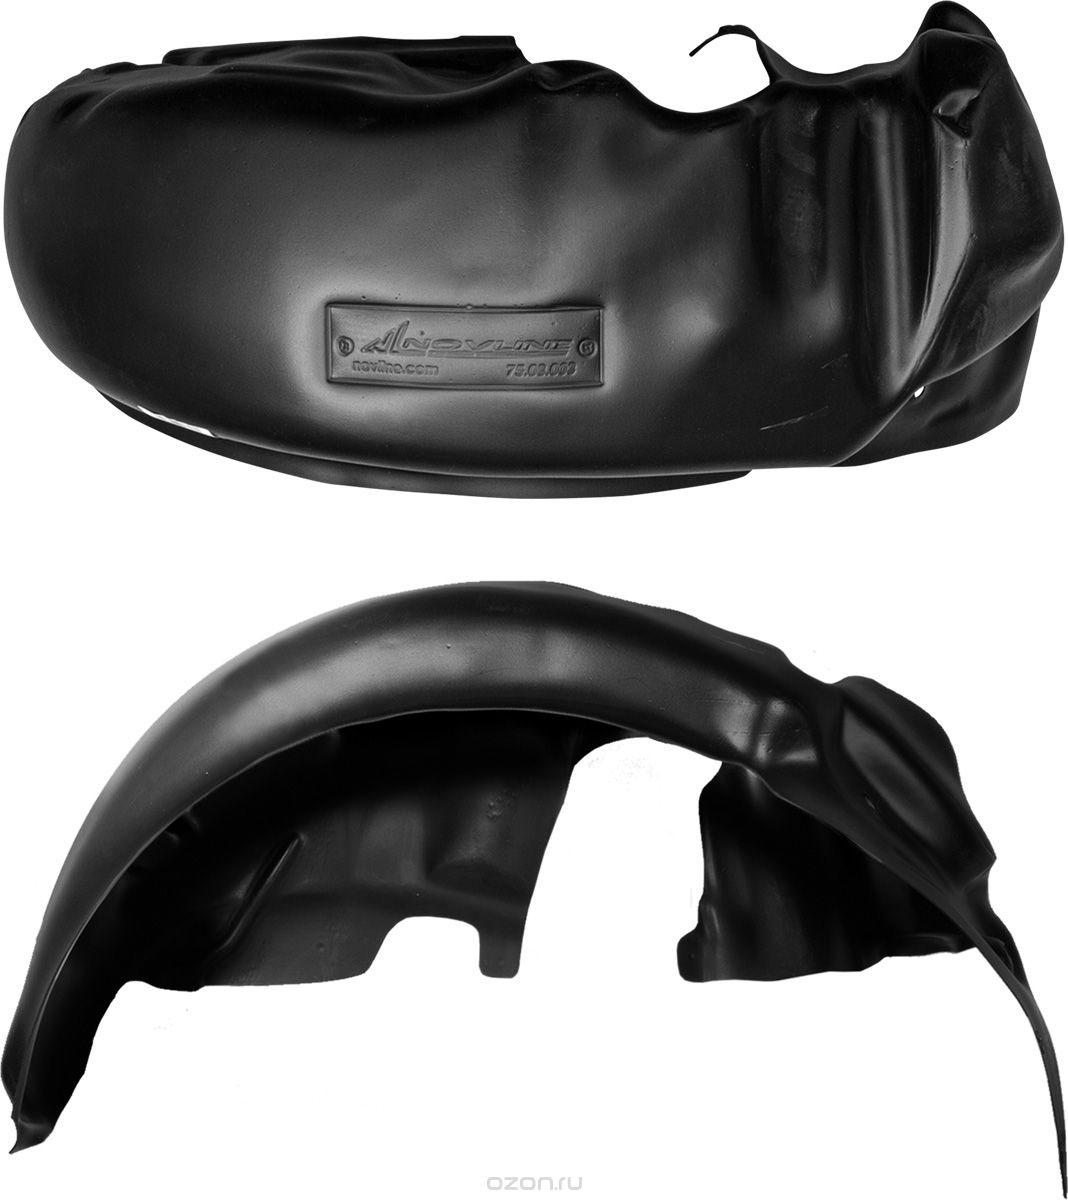 Подкрылок Novline-Autofamily, для DongFeng S30, 03/2014->, ET вылет 21-25, задний левыйNLL.96.02.003Идеальная защита колесной ниши. Локеры разработаны с применением цифровых технологий, гарантируют максимальную повторяемость поверхности арки. Изделия устанавливаются без нарушения лакокрасочного покрытия автомобиля, каждый подкрылок комплектуется крепежом. Уважаемые клиенты, обращаем ваше внимание, что фотографии на подкрылки универсальные и не отражают реальную форму изделия. При этом само изделие идет точно под размер указанного автомобиля.